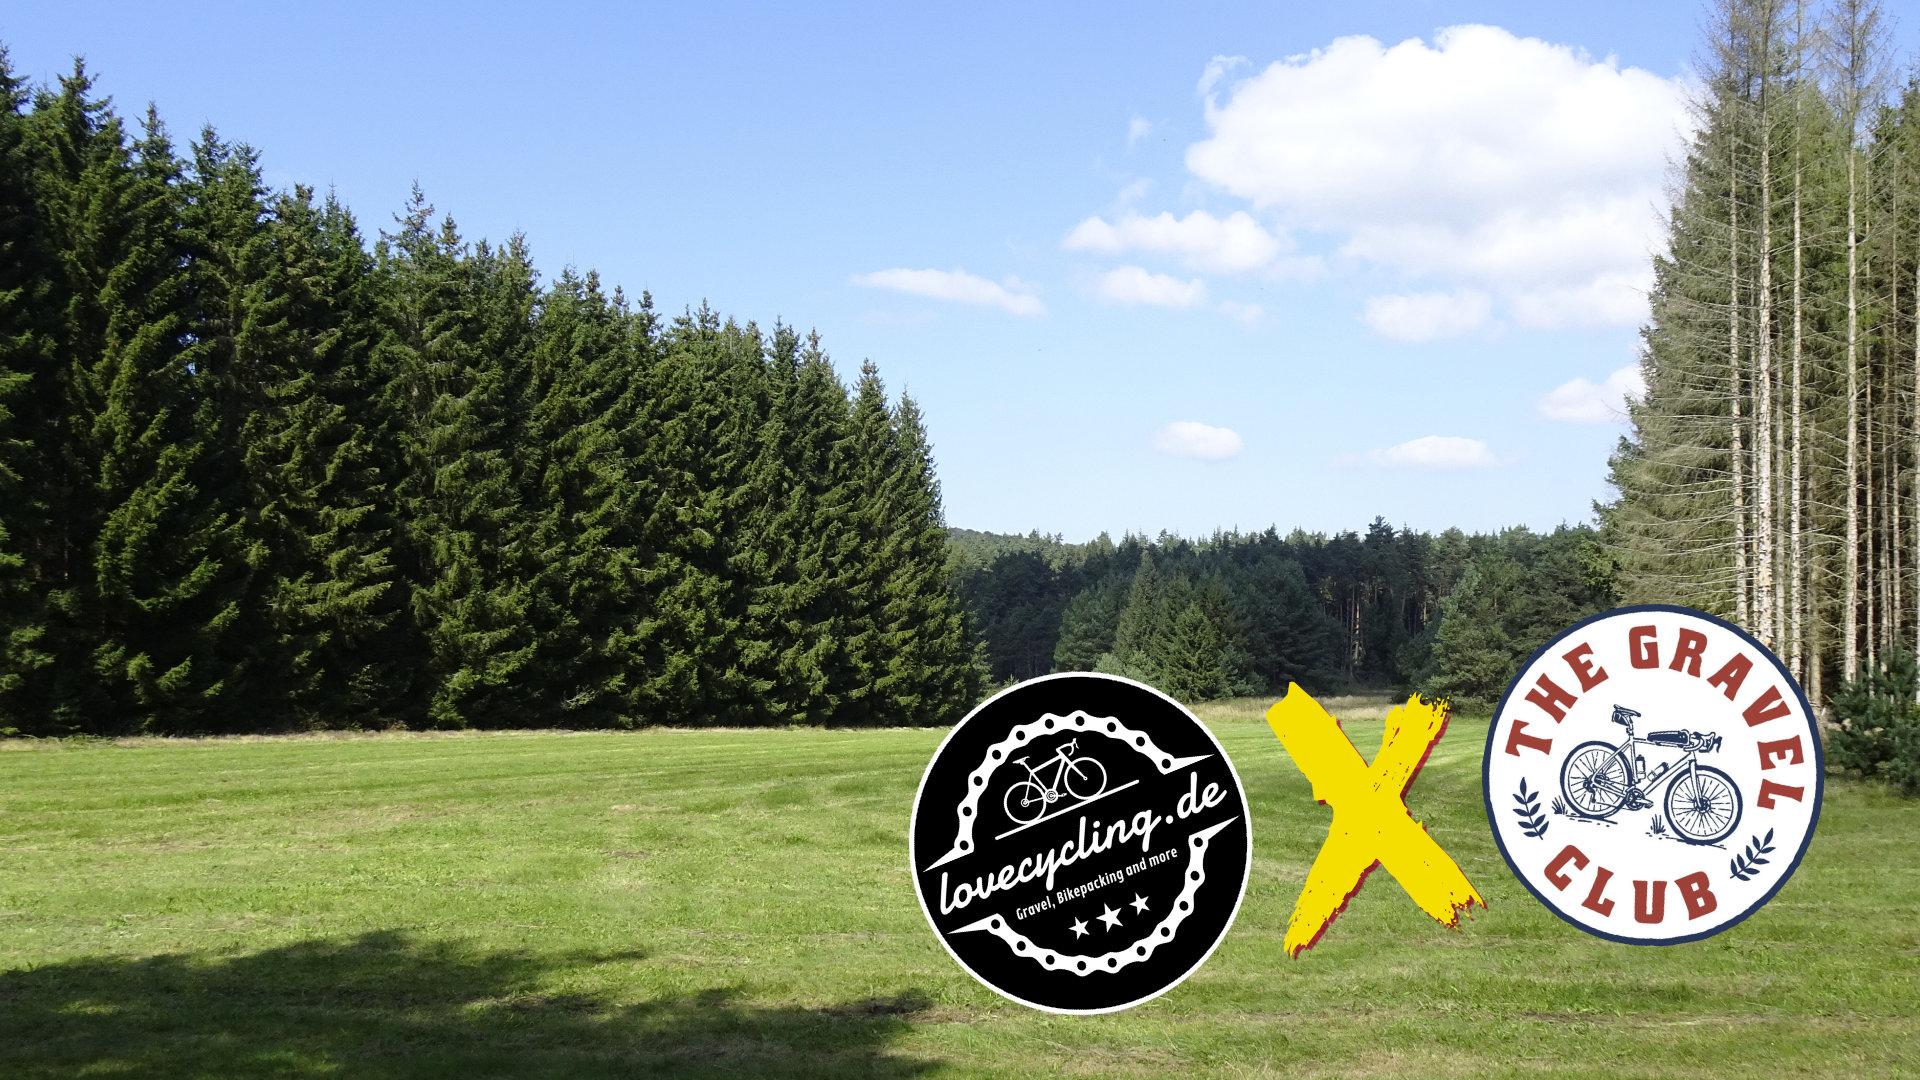 Bild einer Wiese im Wald. Rechts und links stehen mehrere Nadelbäume.